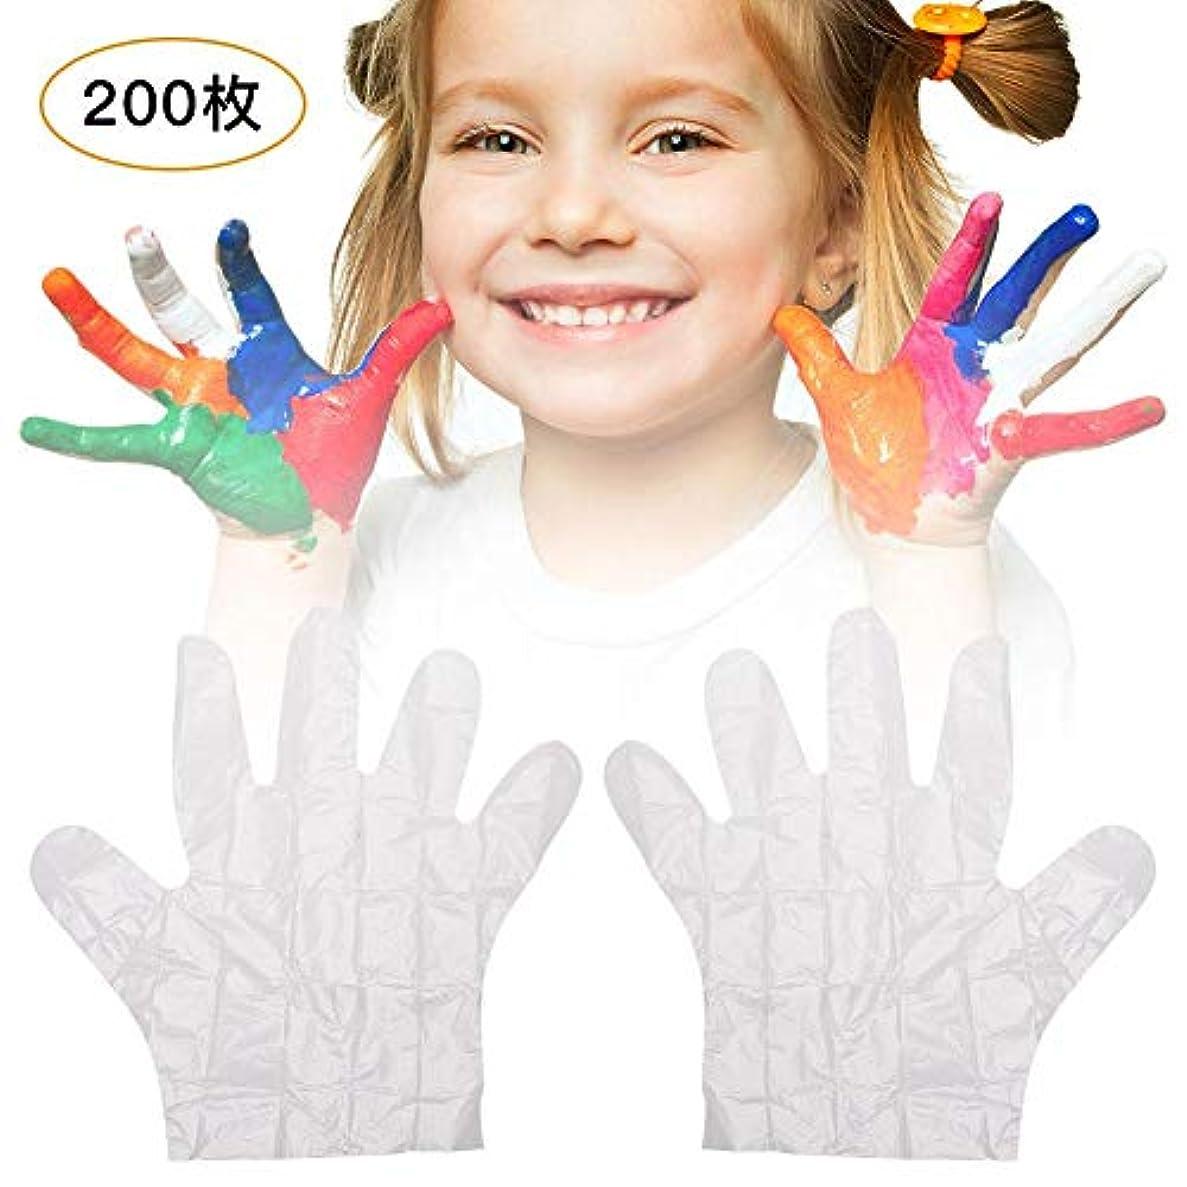 抵抗手入れホイッスル使い捨て手袋 子供用 極薄ビニール手袋 LUERME ポリエチレン 透明 実用 衛生 100枚/200枚セット 左右兼用